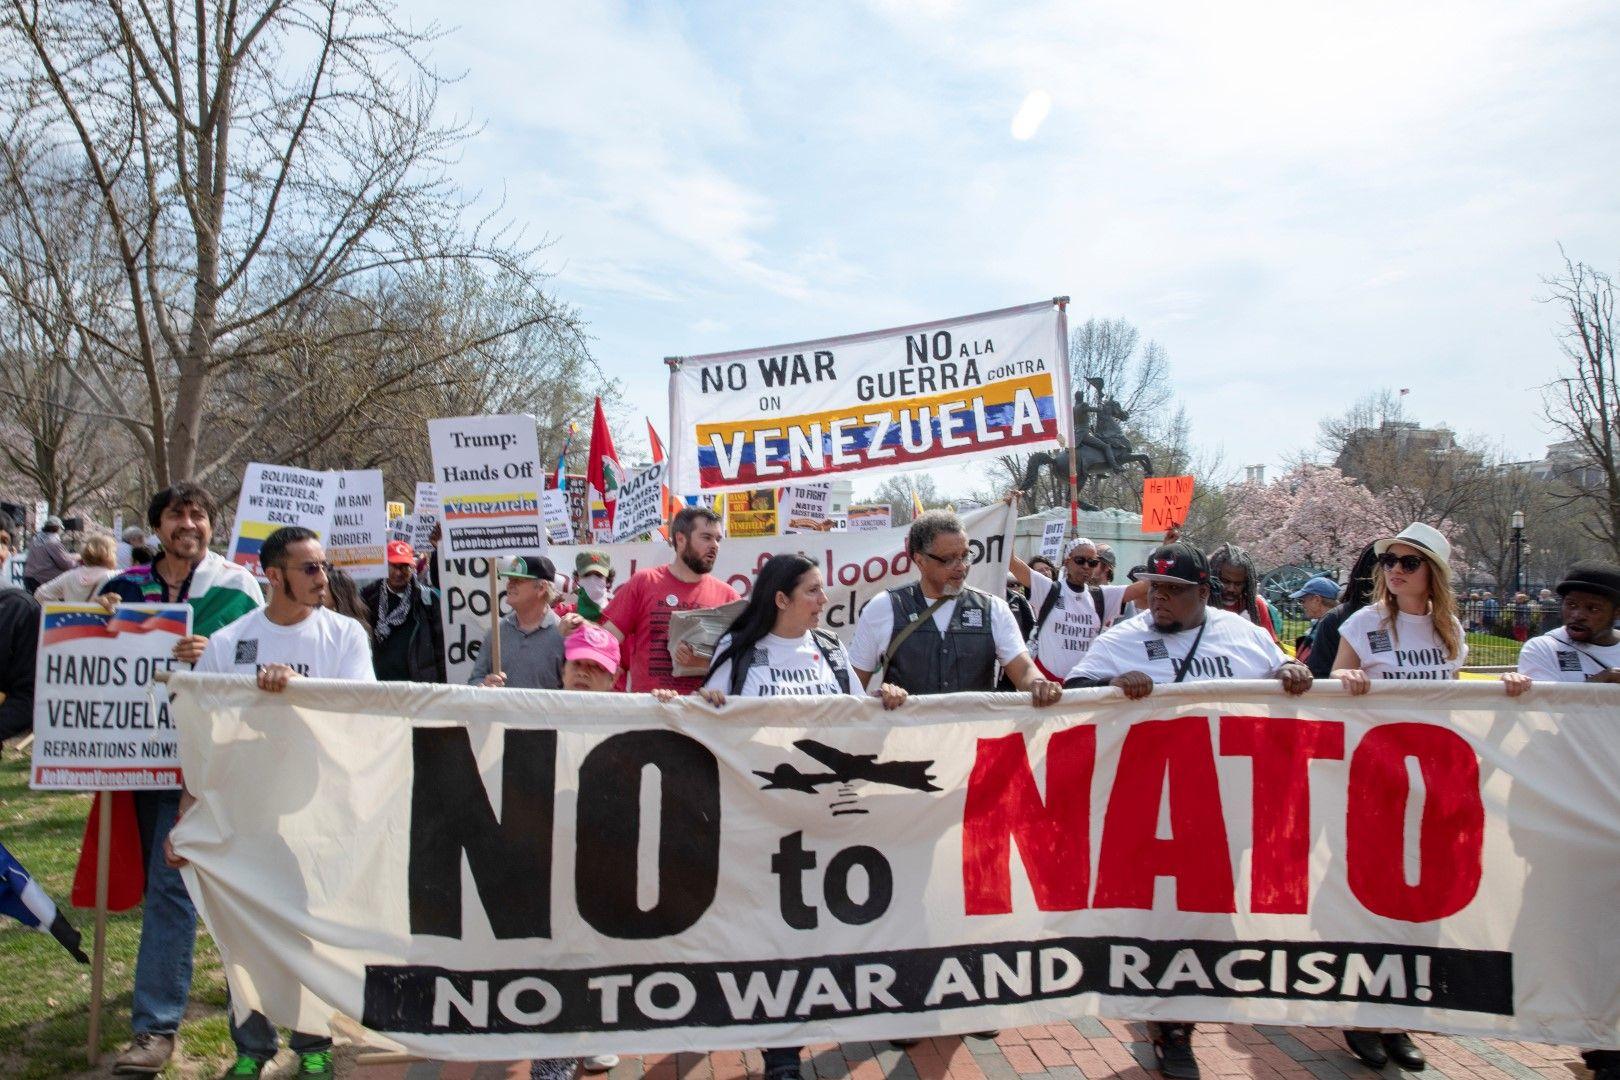 Антинатовски протест преди срещата във Вашингтон на външните министри на страните от алианса